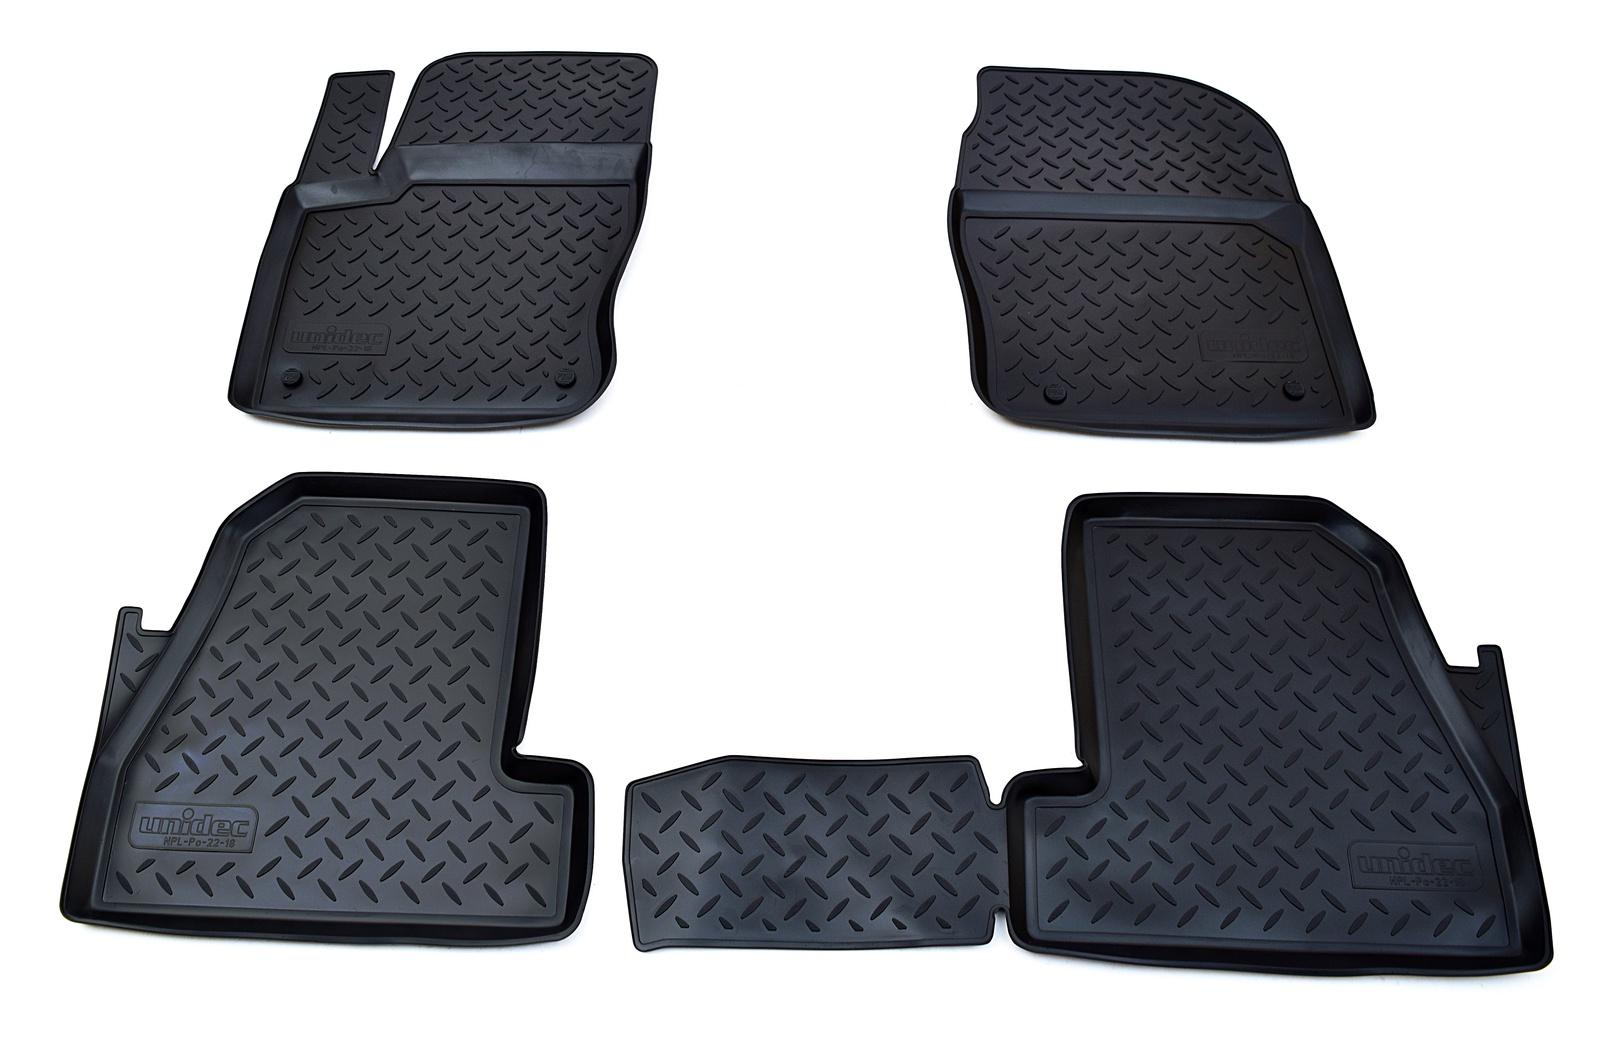 Коврики в салон Norplast для Ford Focus III 2011-2015, NPL-Po-22-18, черный автомагнитола ford focus